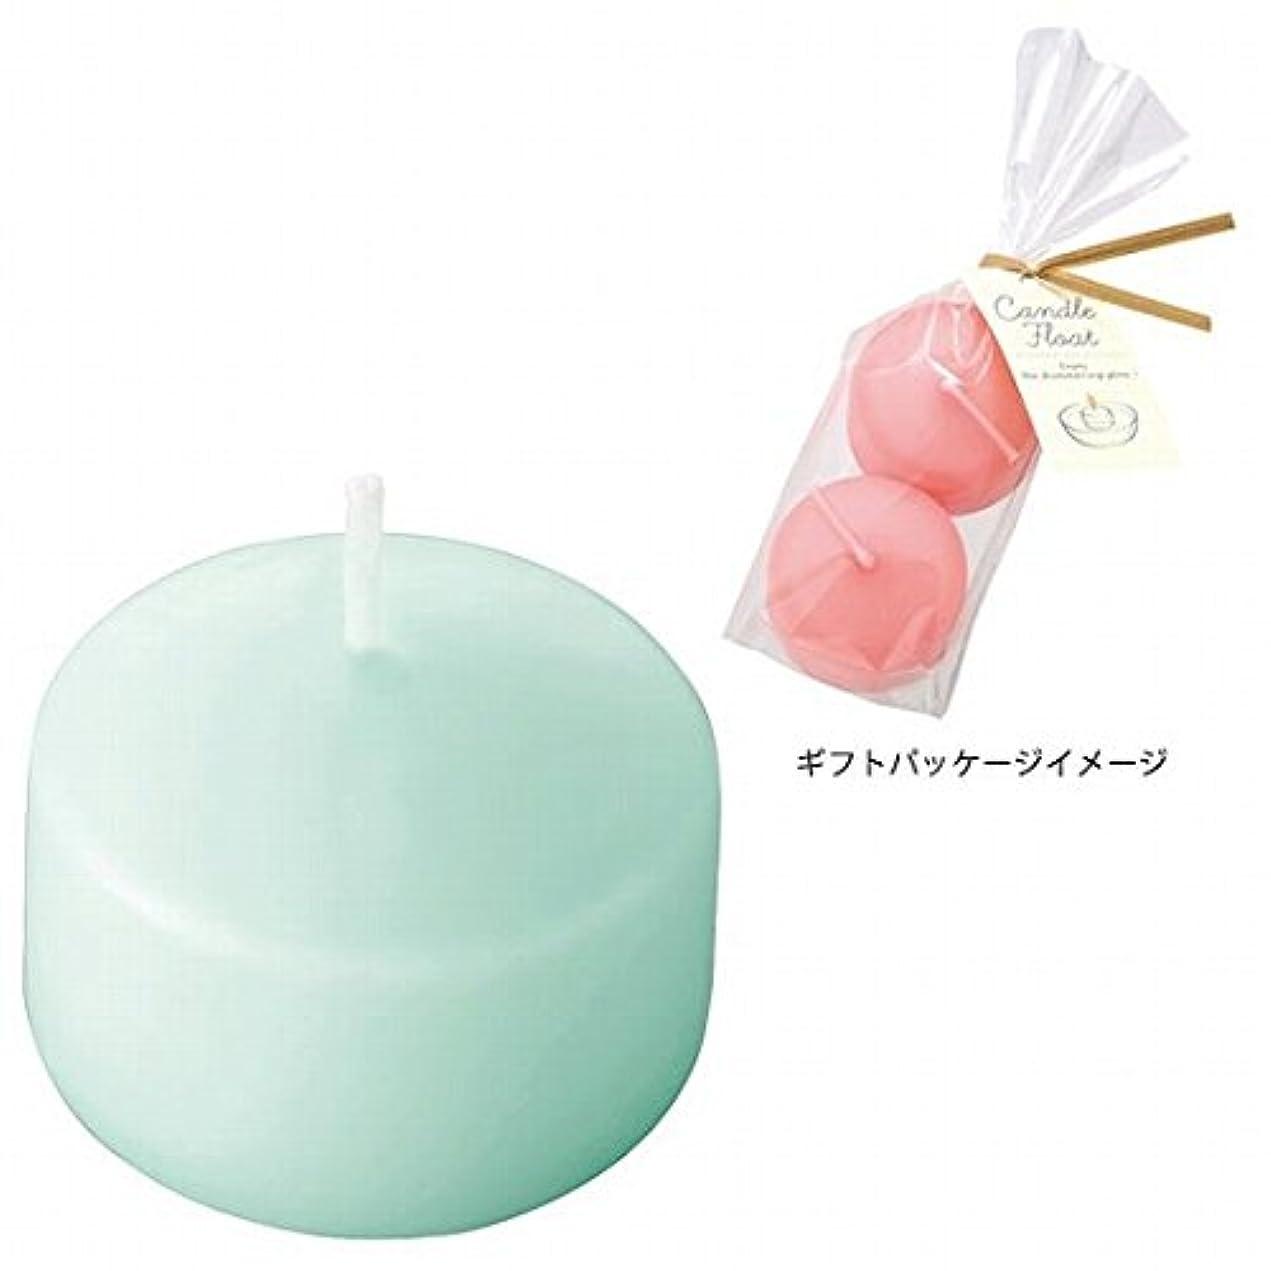 残酷な色ブリークカメヤマキャンドル( kameyama candle ) ハッピープール(2個入り) キャンドル 「ライトブルー」